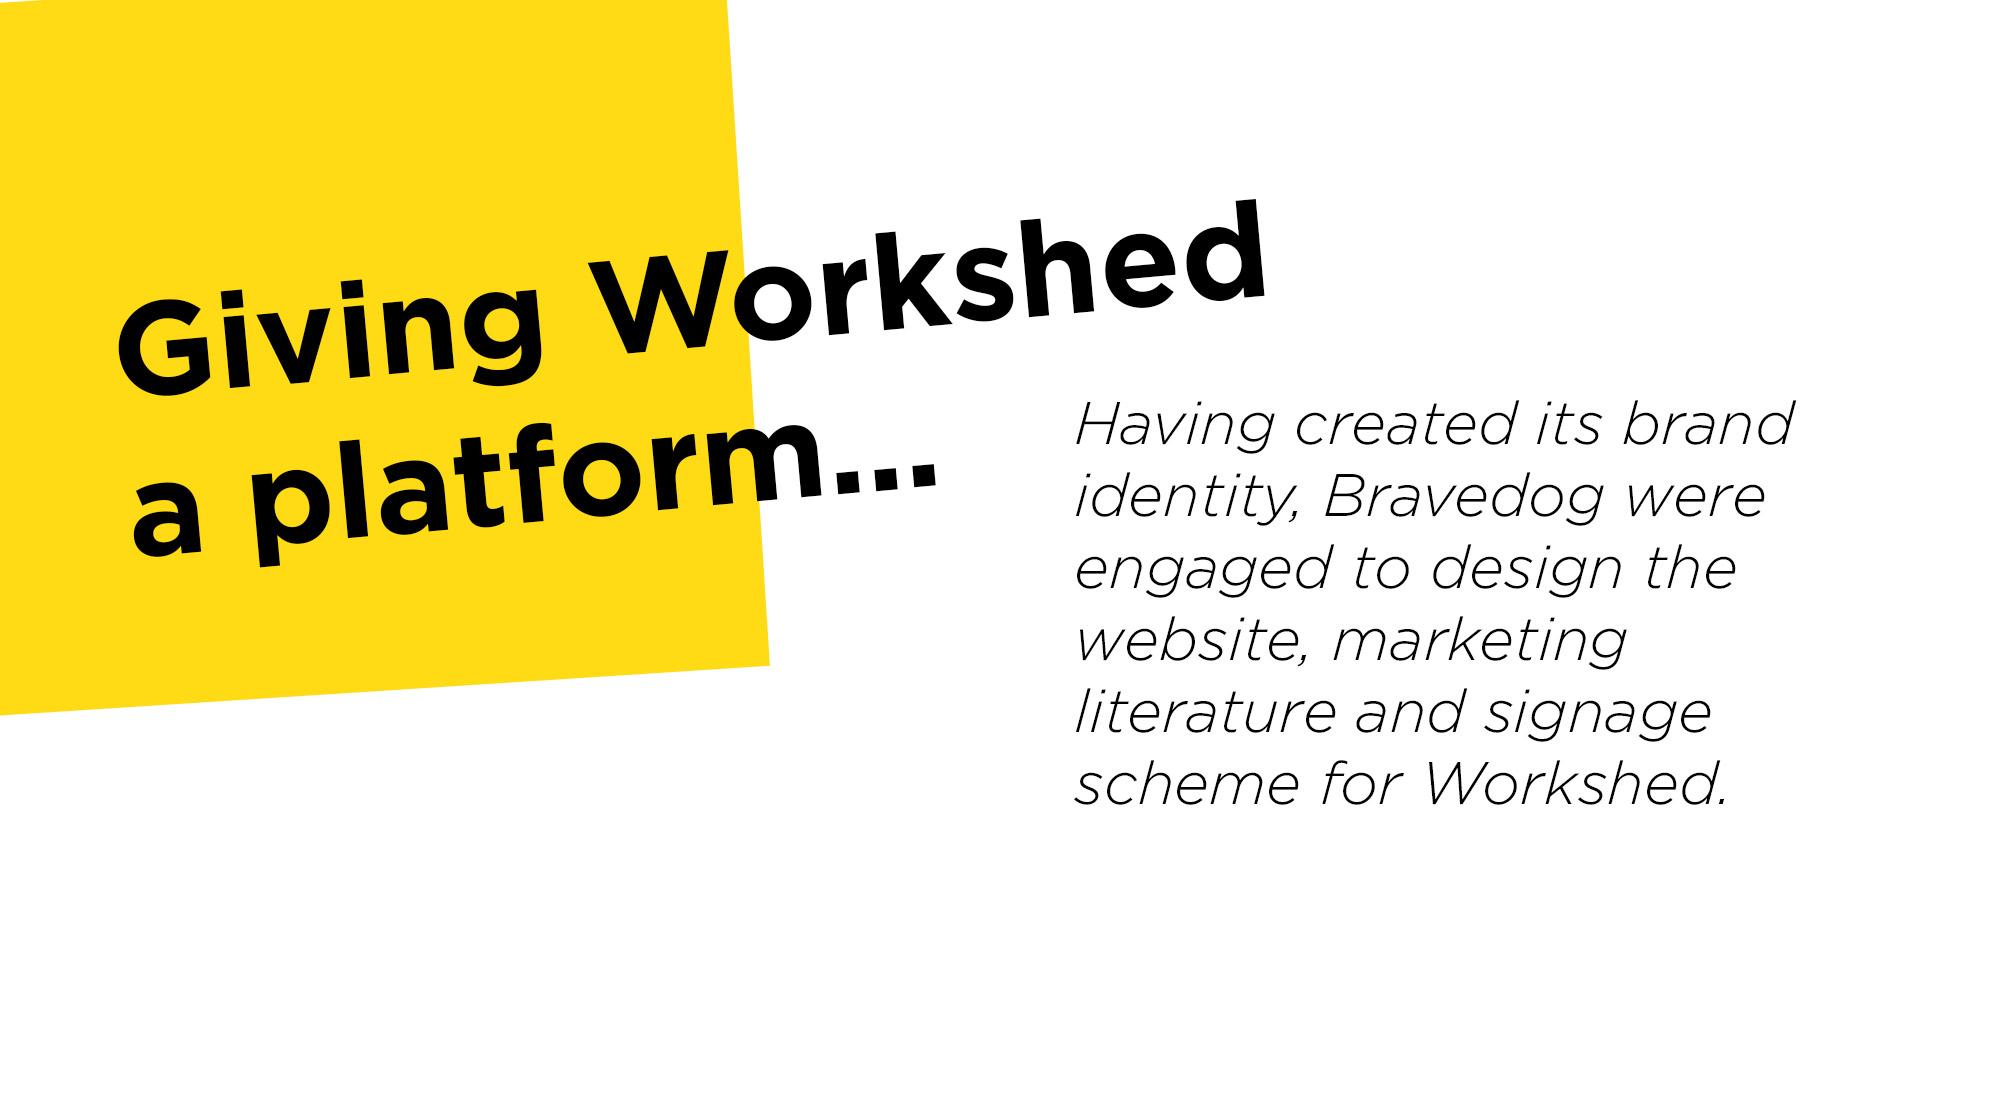 giving workshed a platform